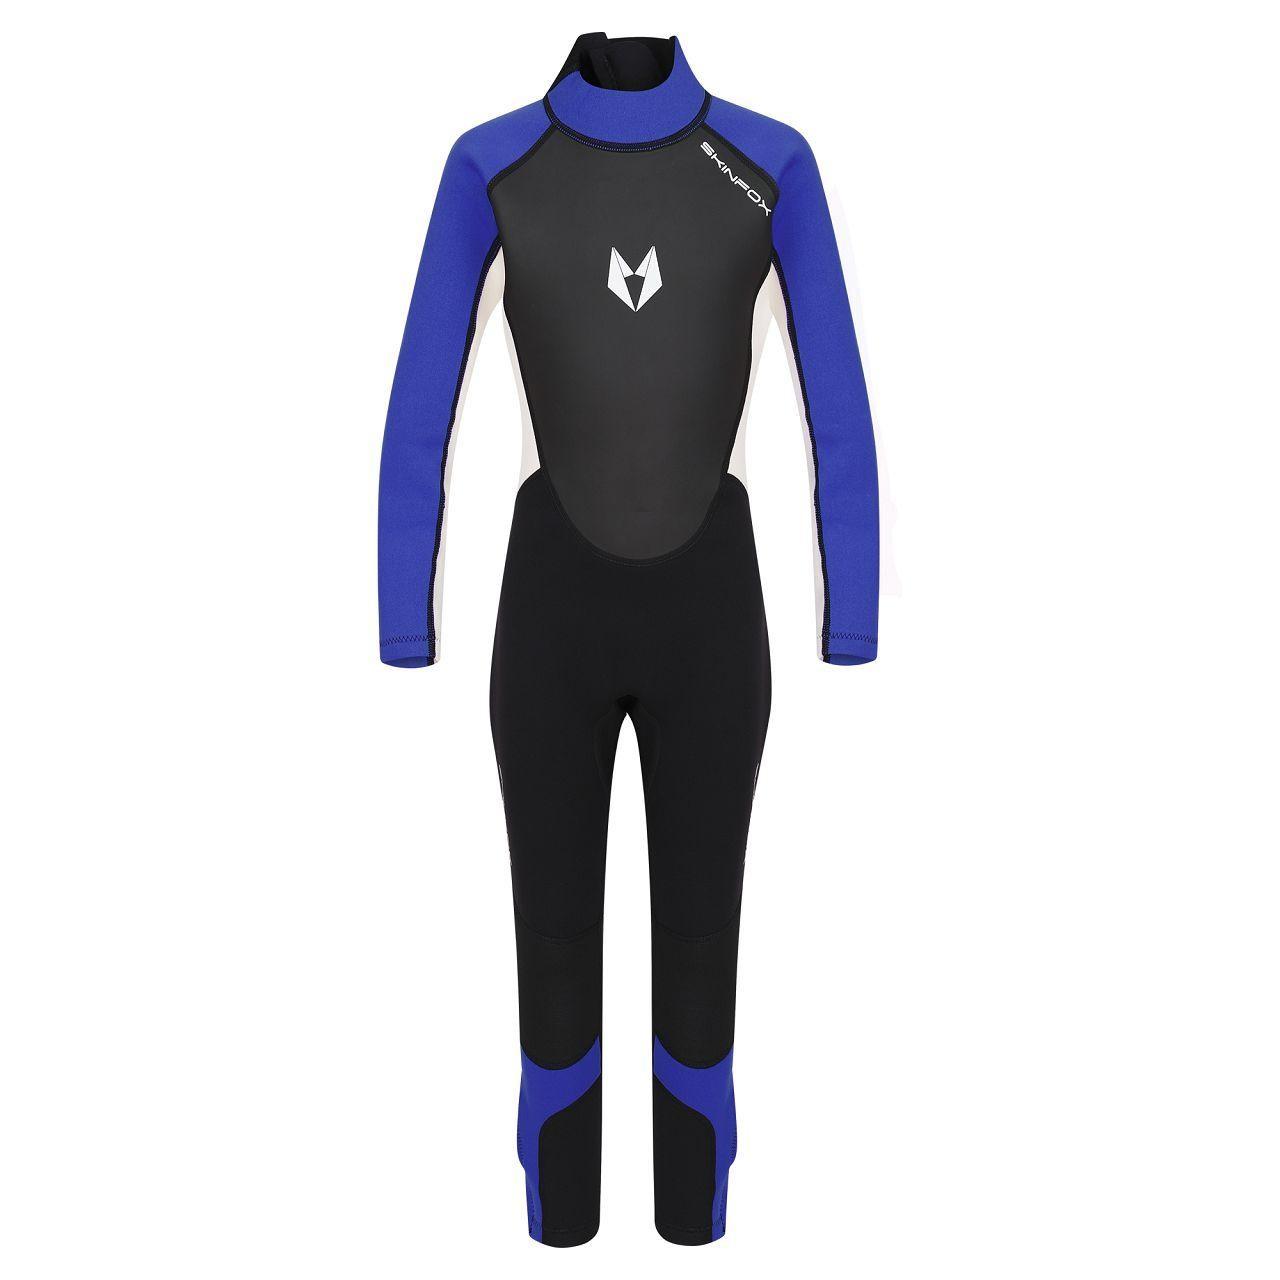 SKINFOX SCOUT 1-16 god. Dječji kupaći kostim u kupaćem kostimu u plavom odijelu